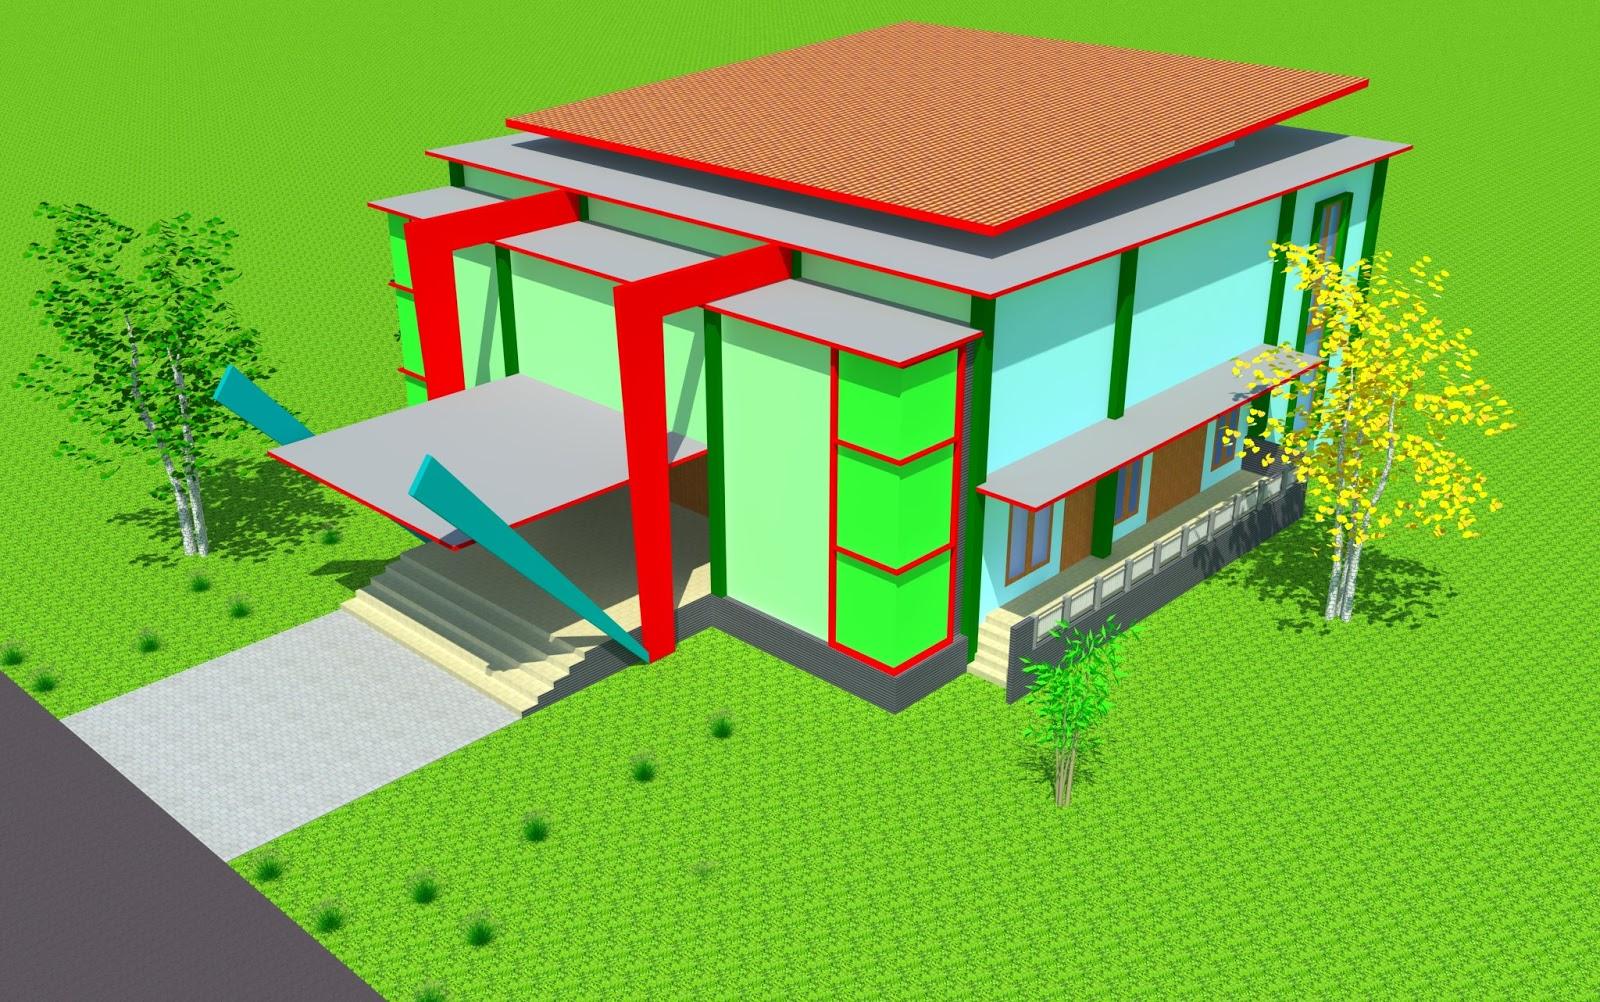 jasa desain gambar rumah toko jembatan dan bangunan